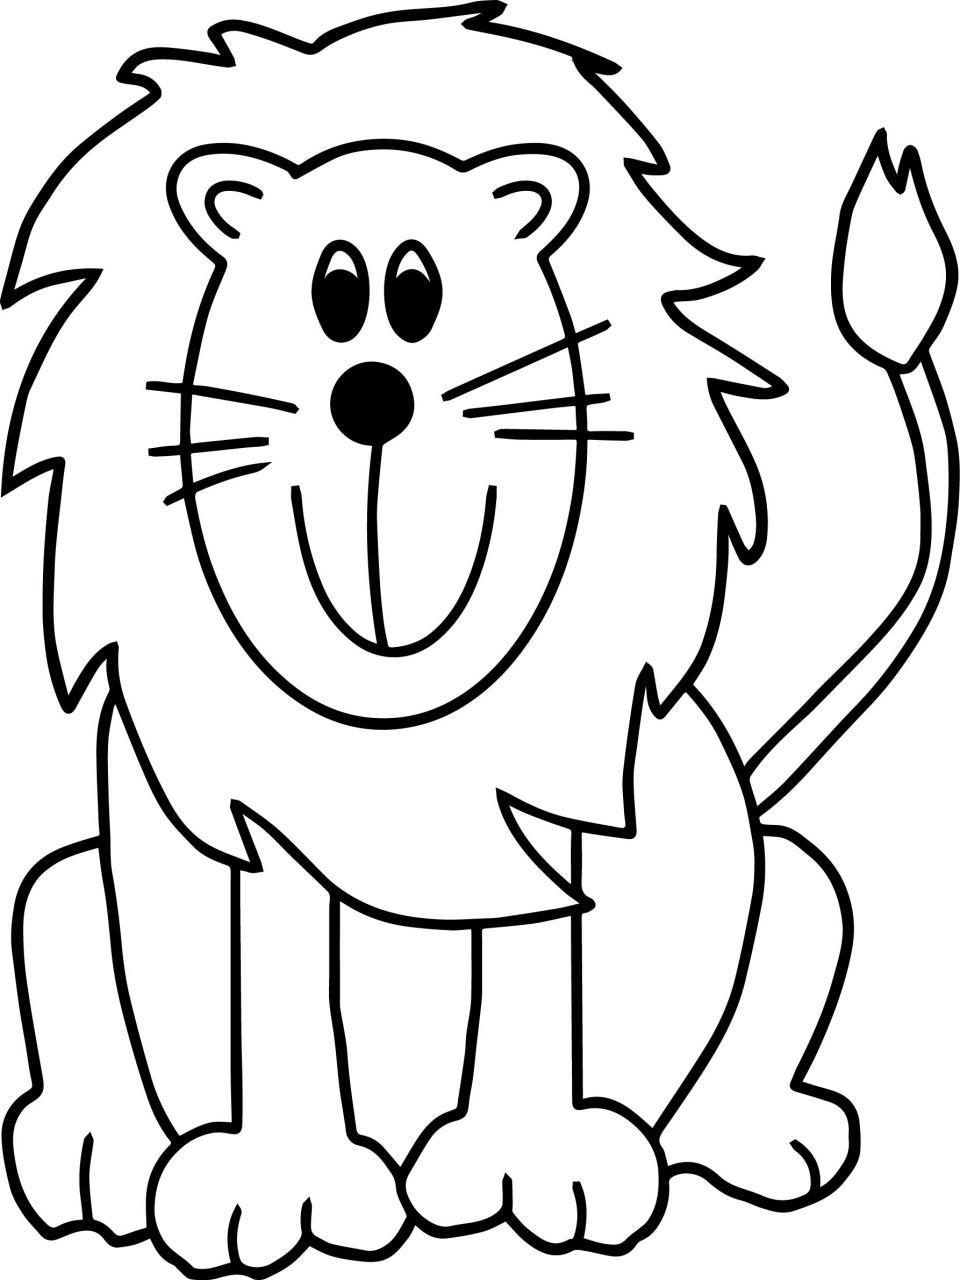 Tranh tô màu sư tử đáng yêu